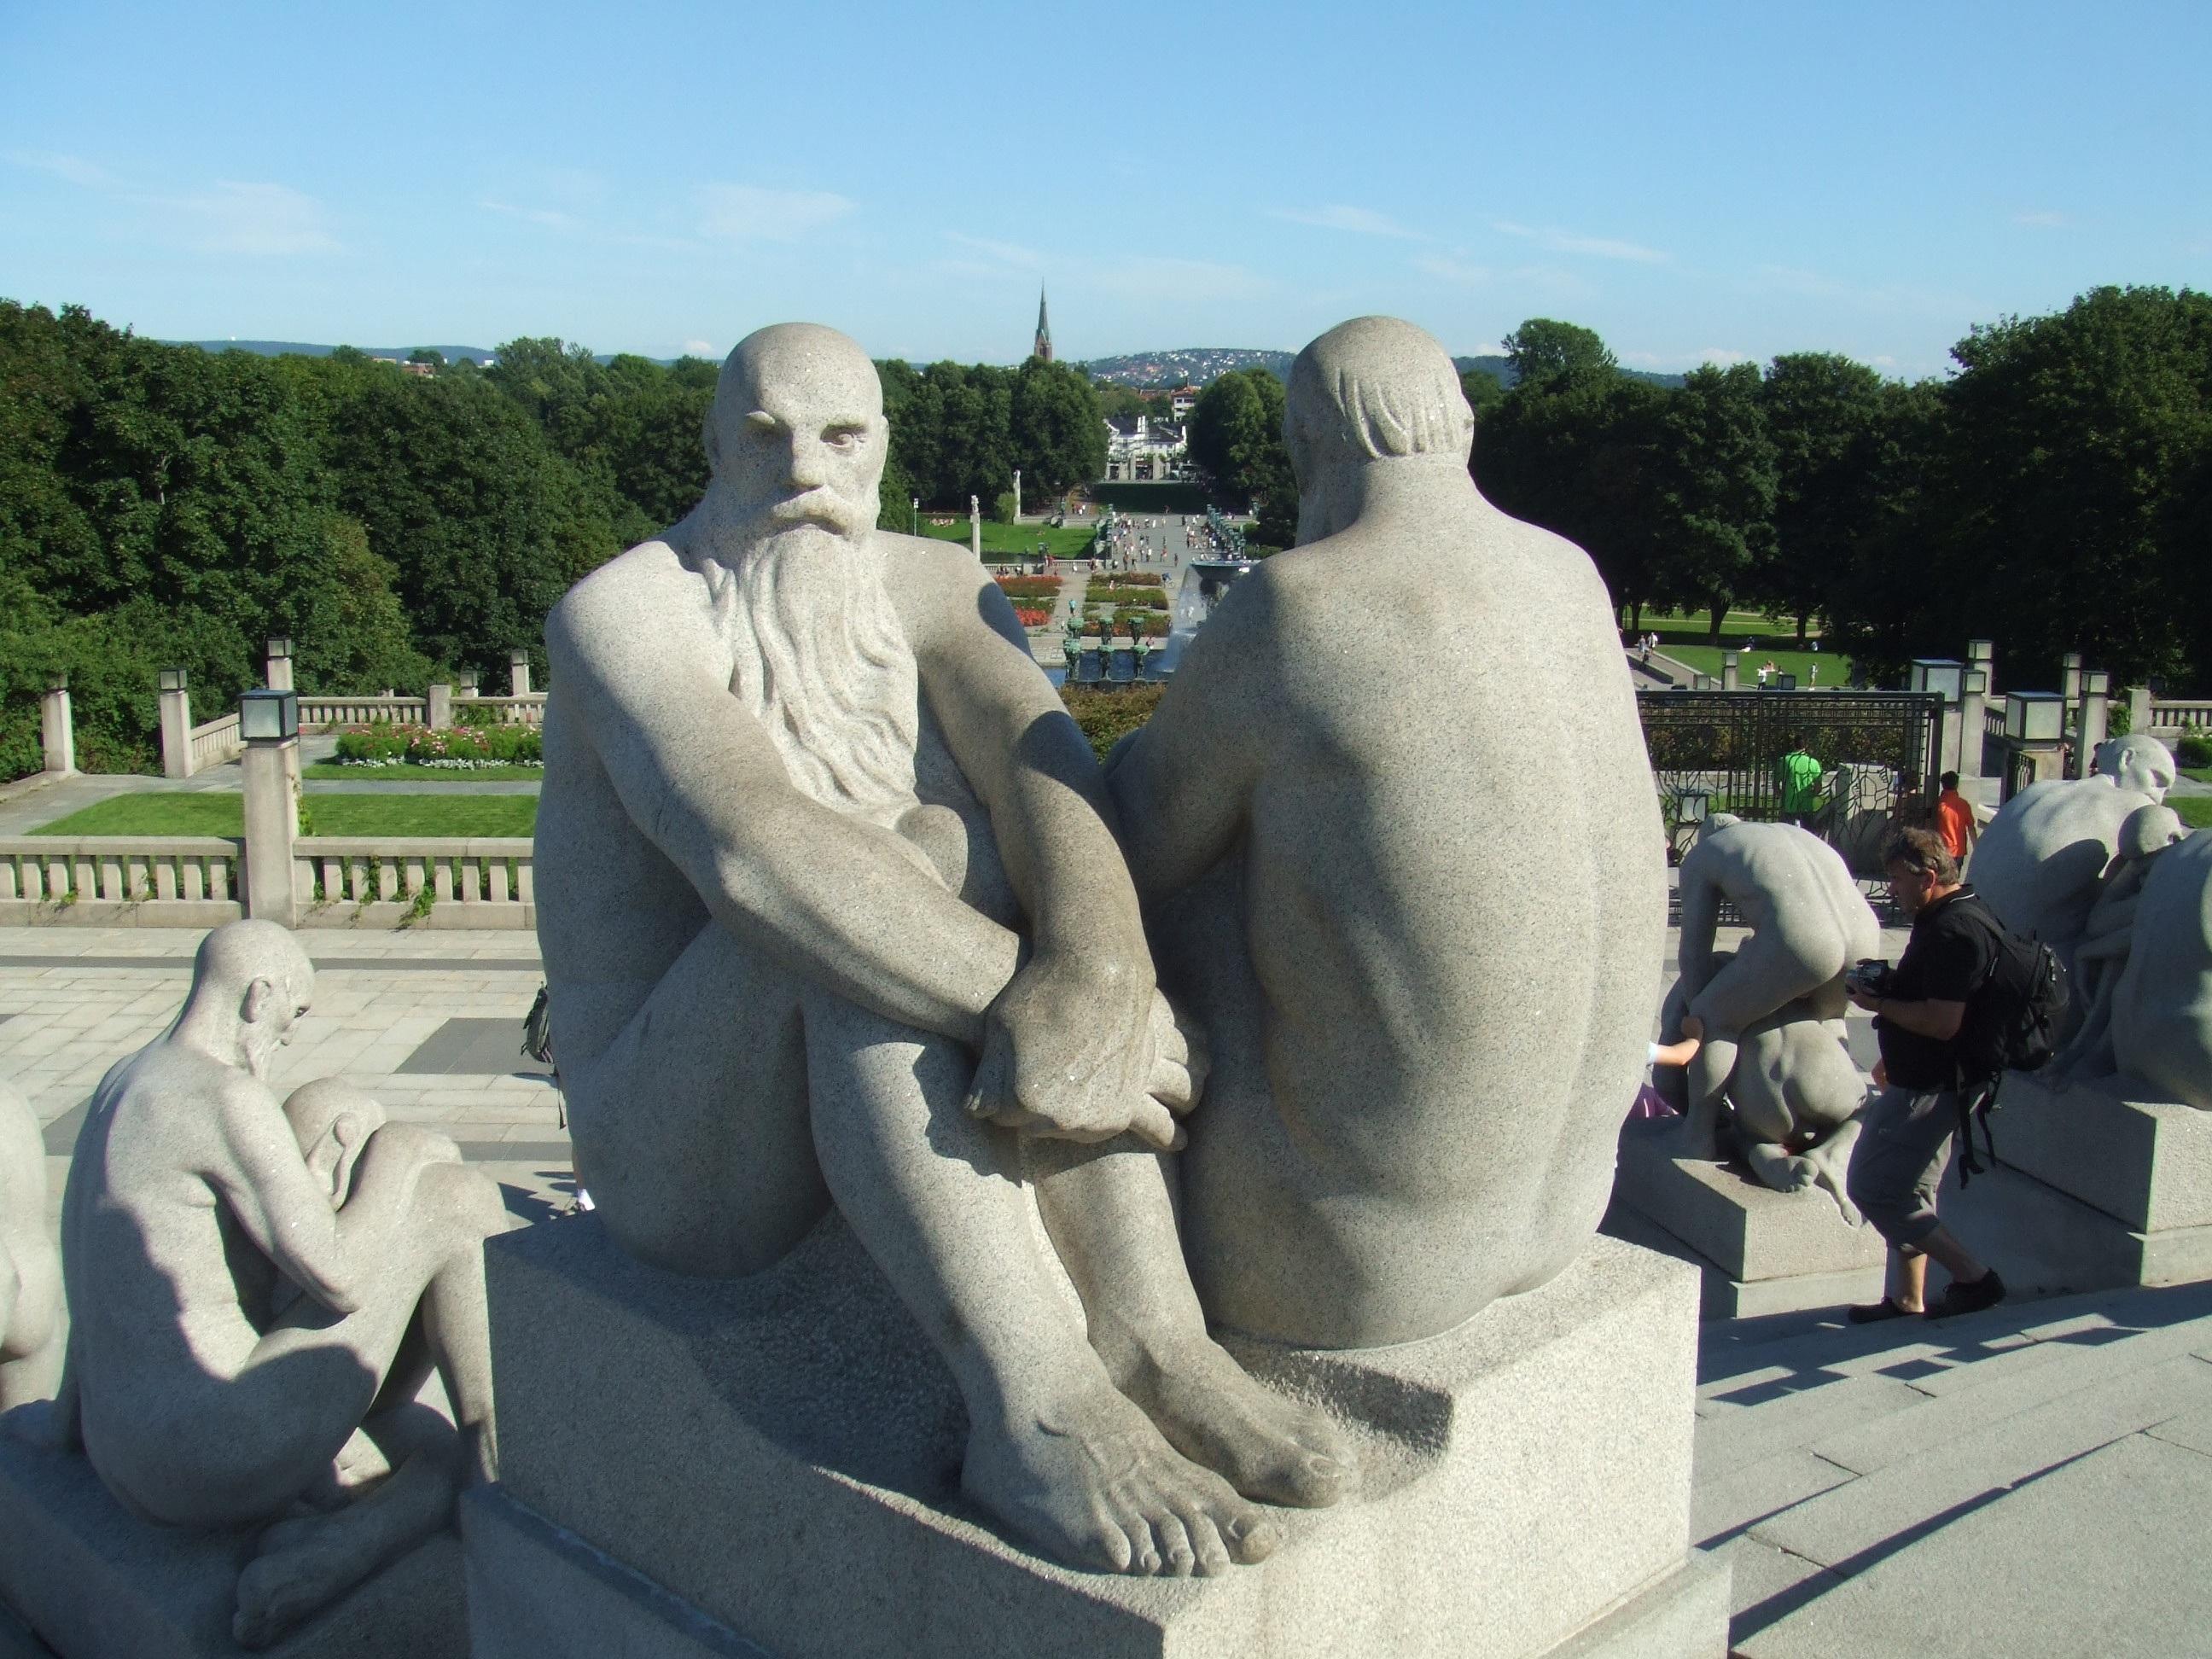 Esta escultura representa a un hombre mayor sentado y otro de espaldas